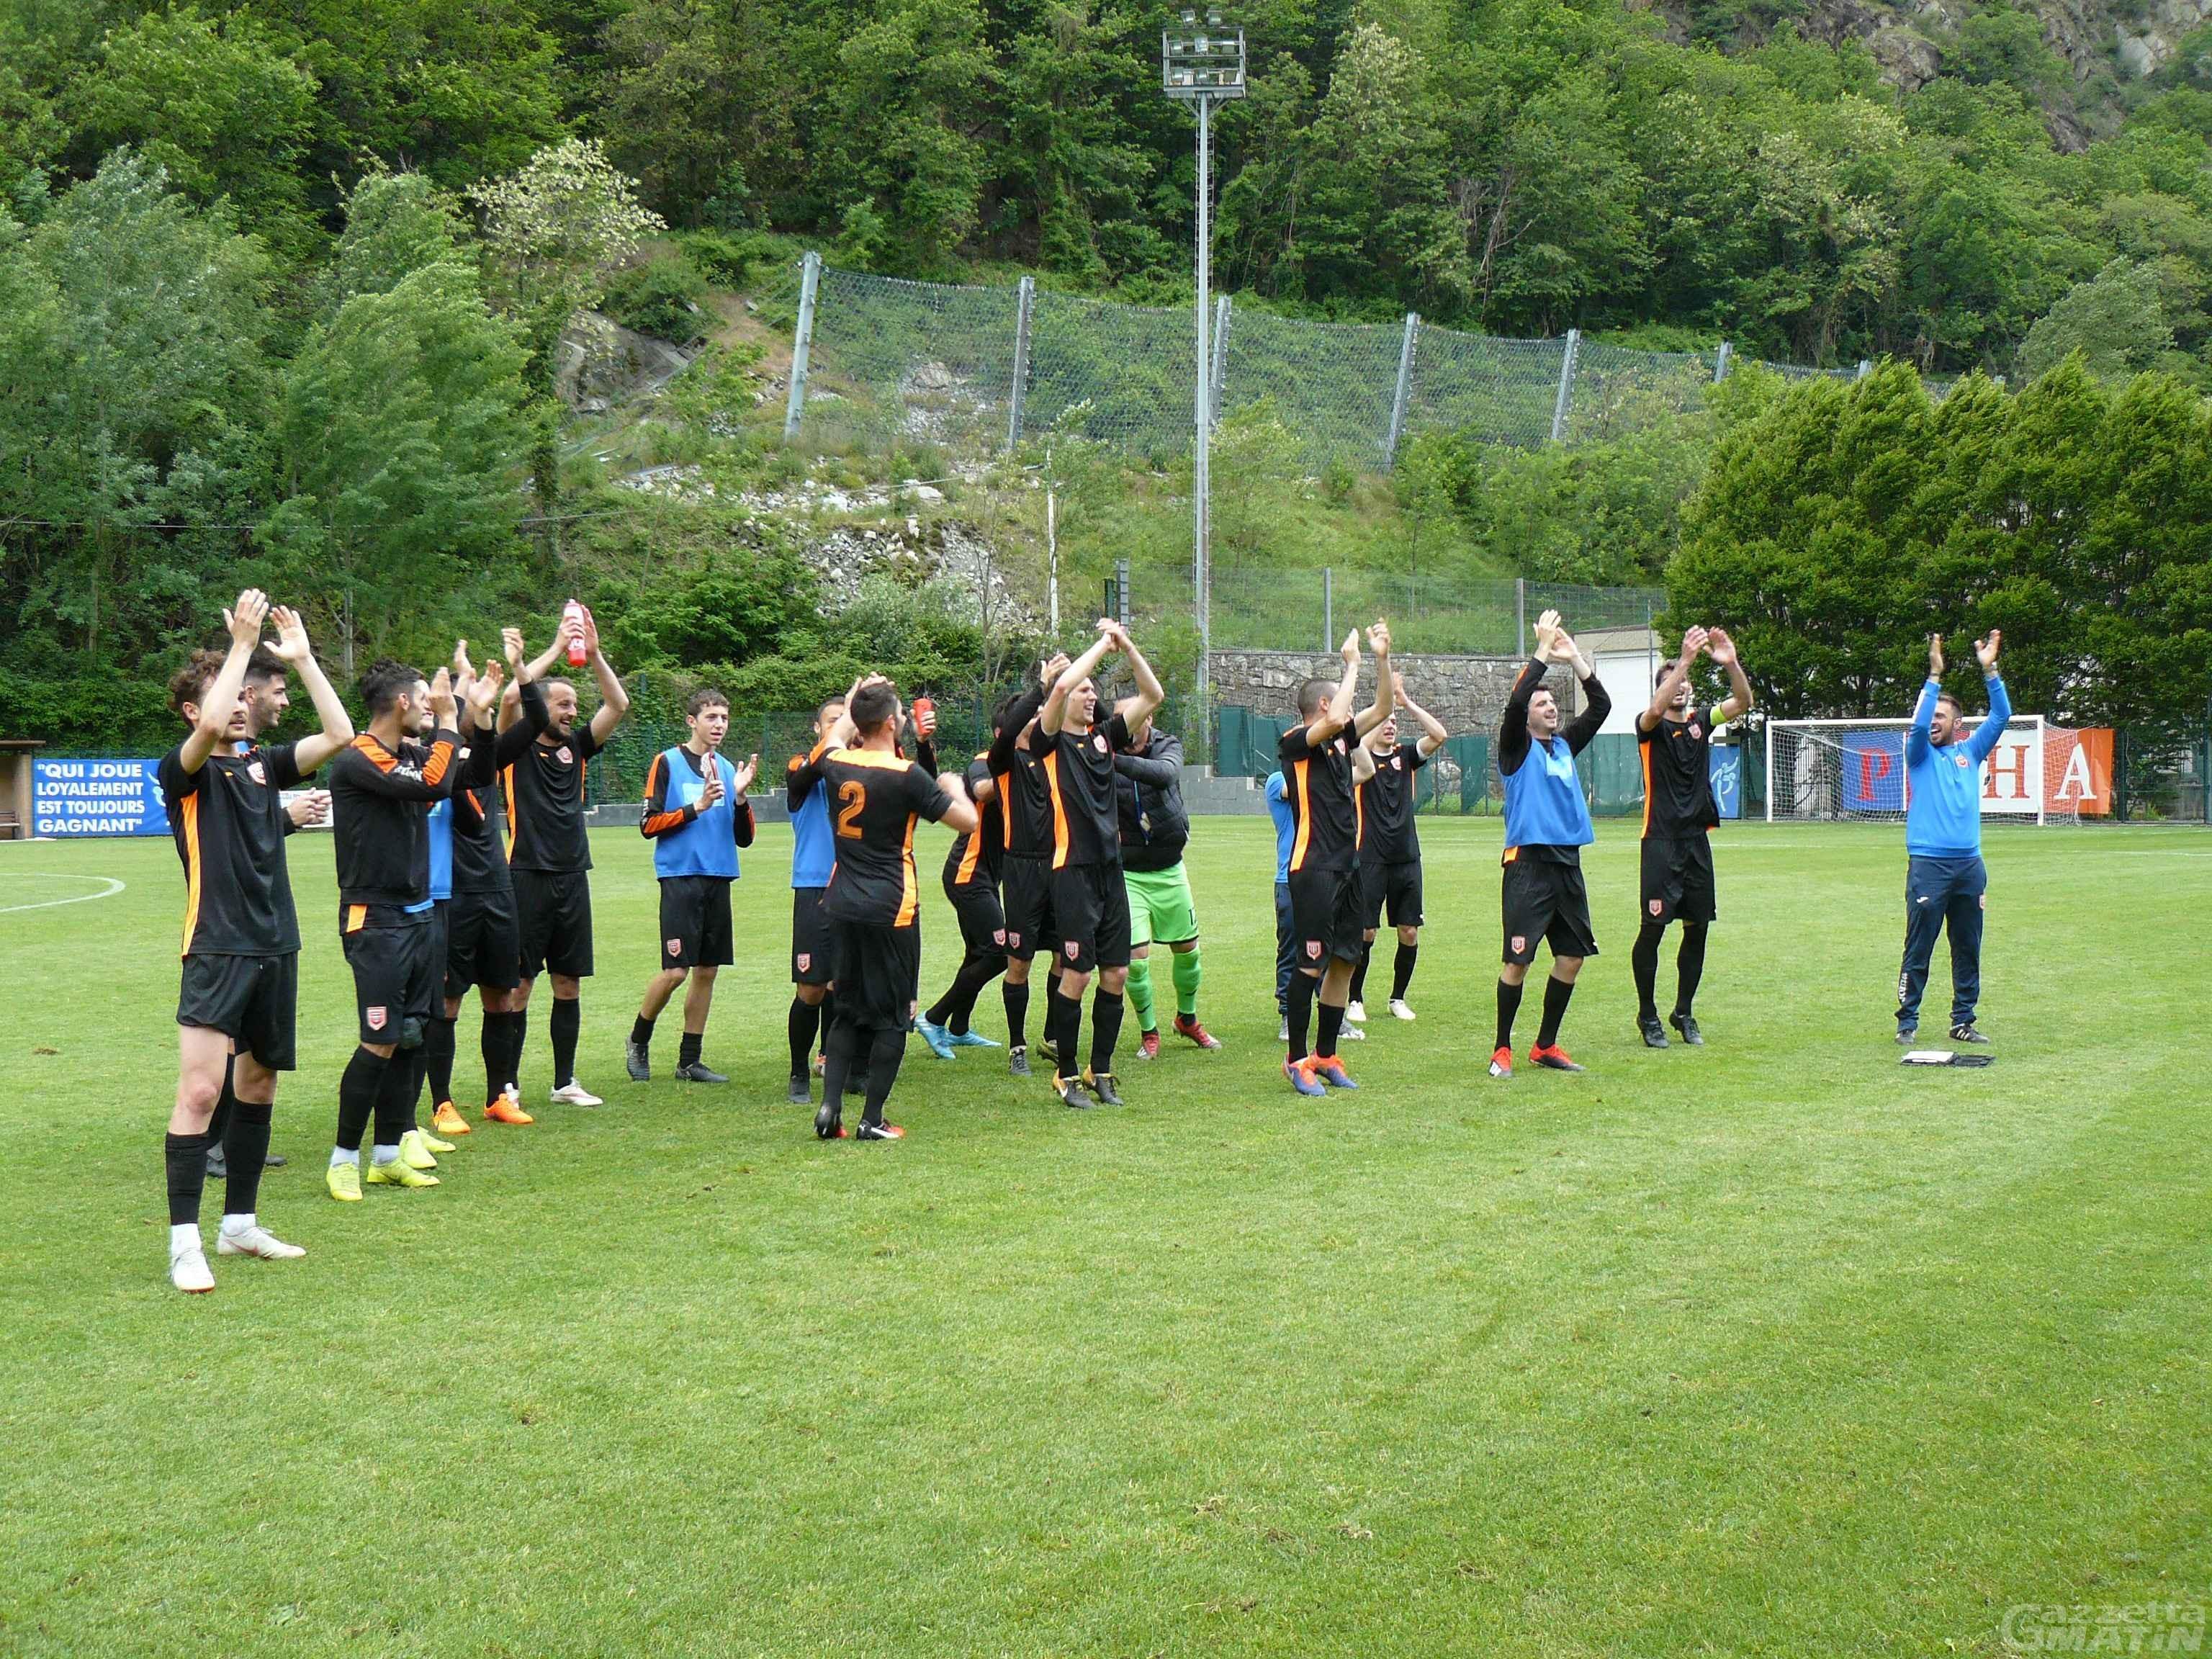 Calcio: il P.D.H.A. eliminato dal Mestre in semifinale